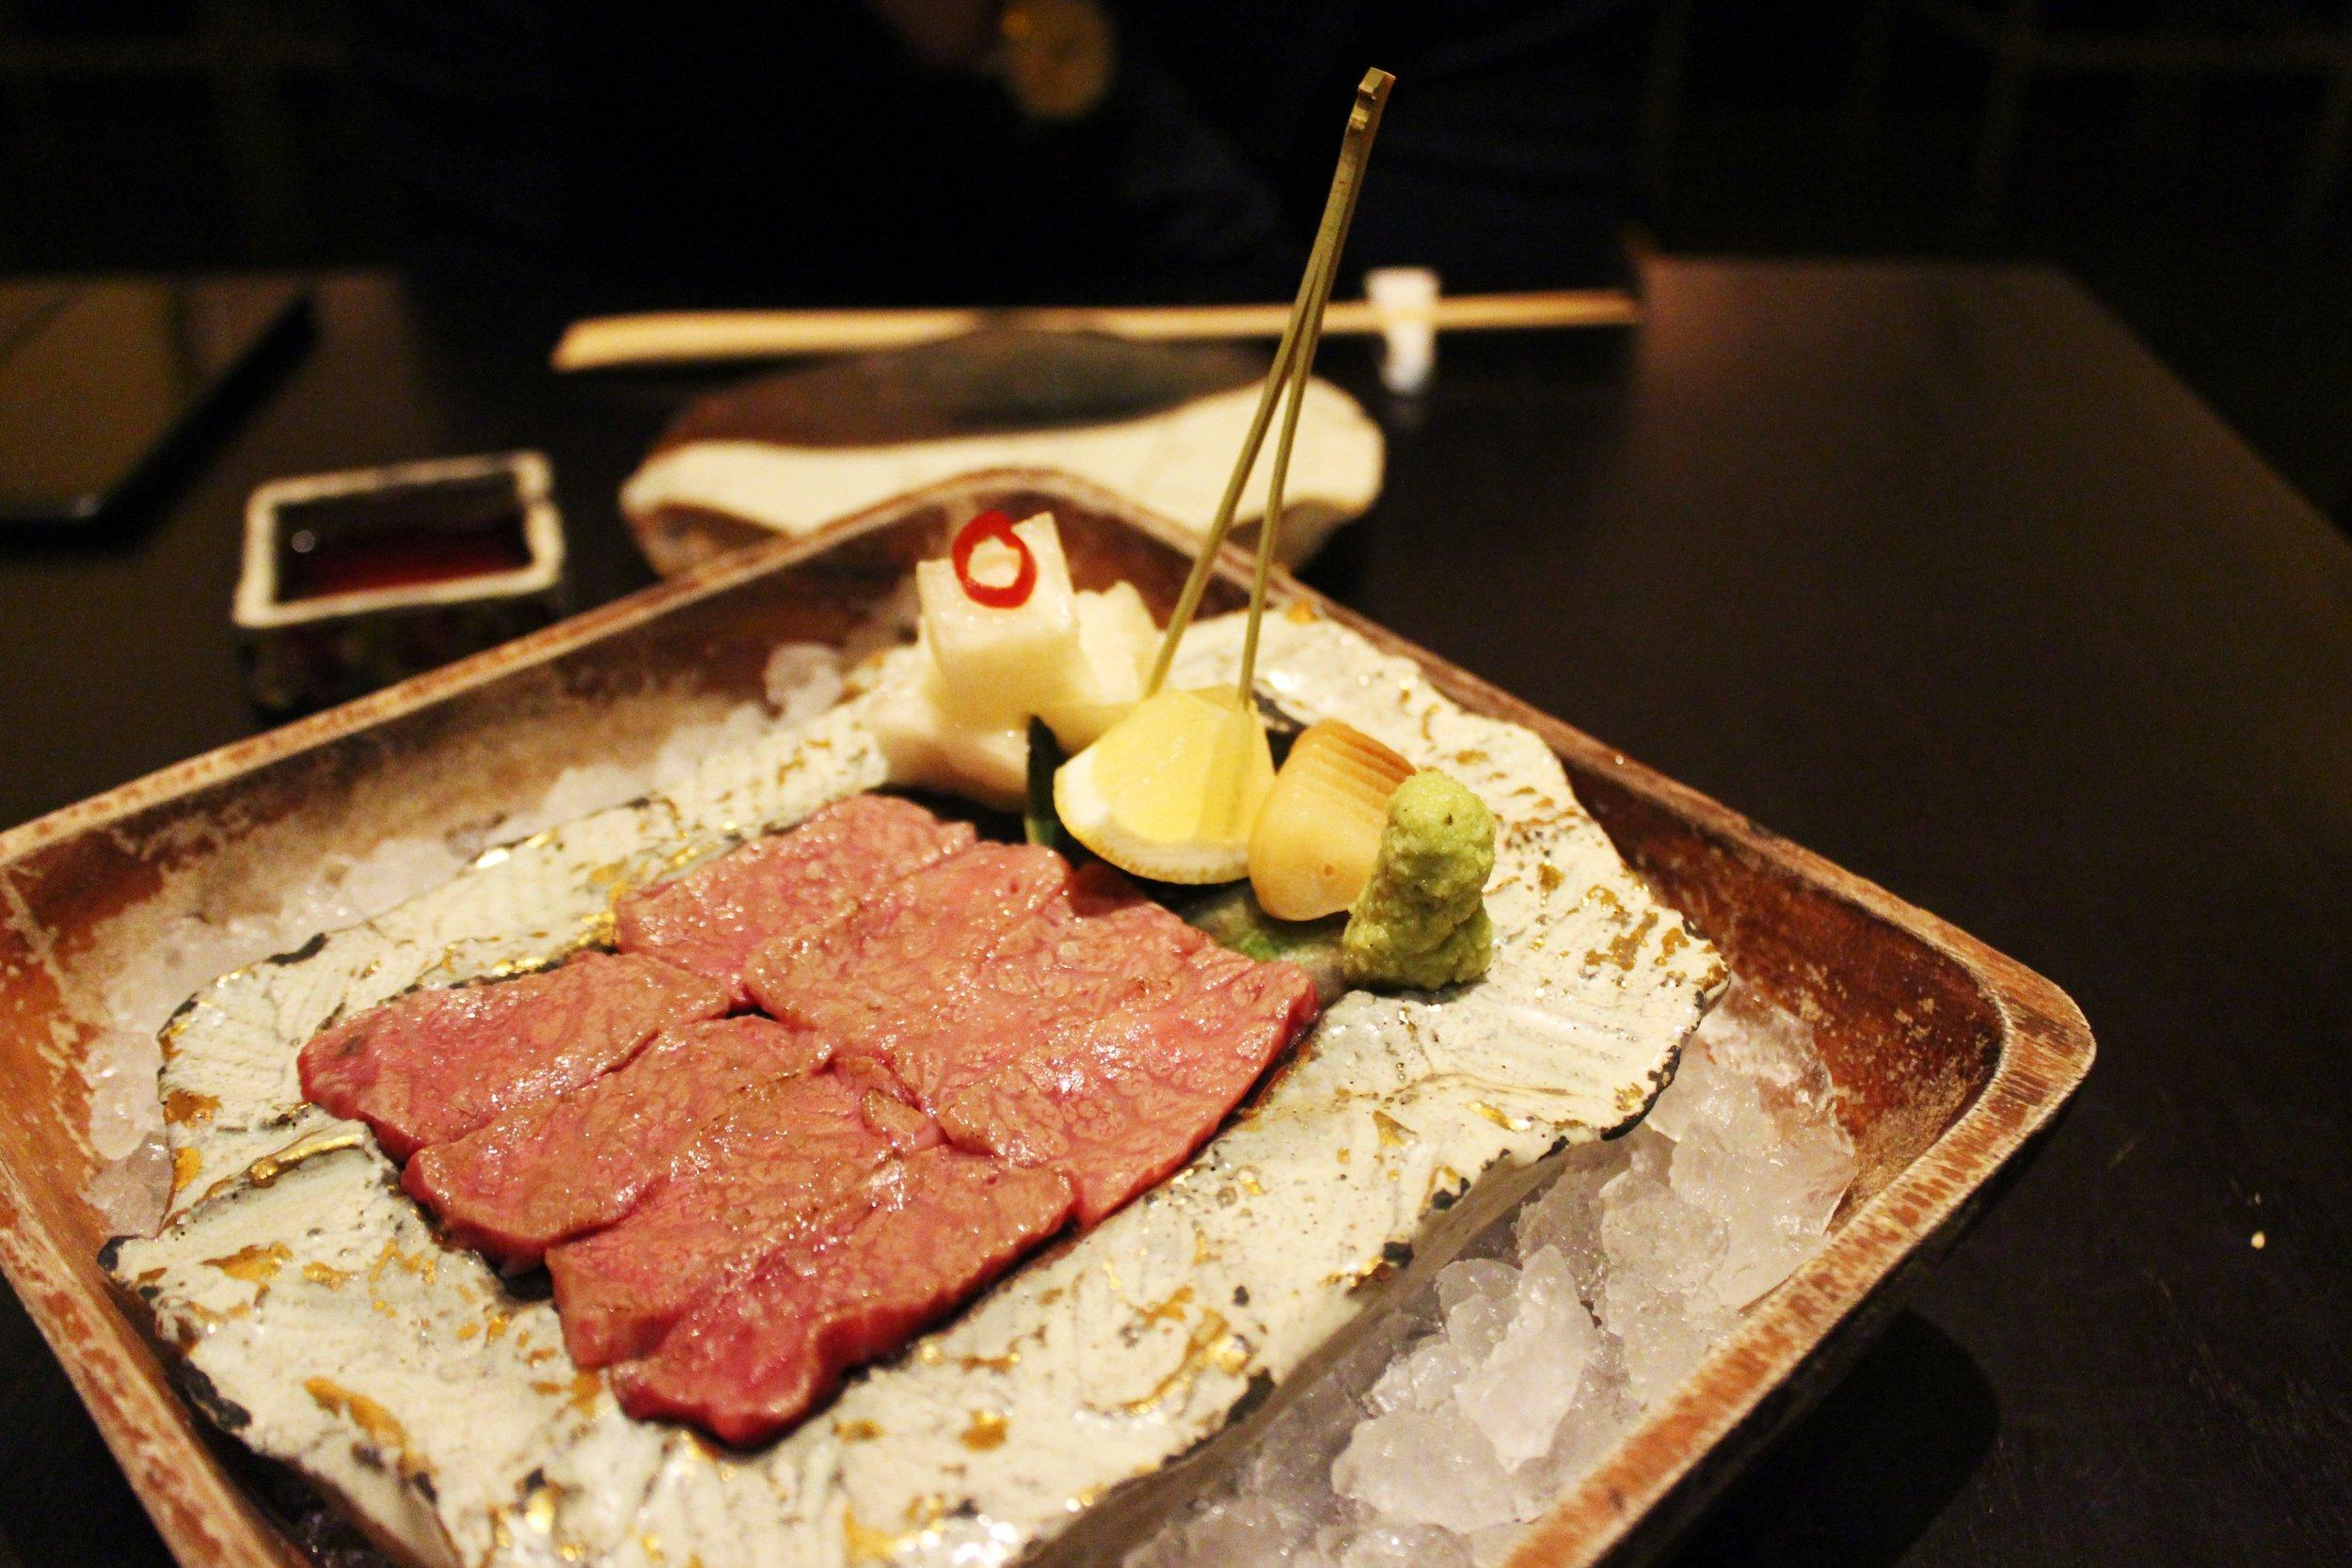 Washu-Beef Short Rib Sashimi with Sweet Daikon-pickle and Soy Sauce Garlic at Bohemian Restaurant